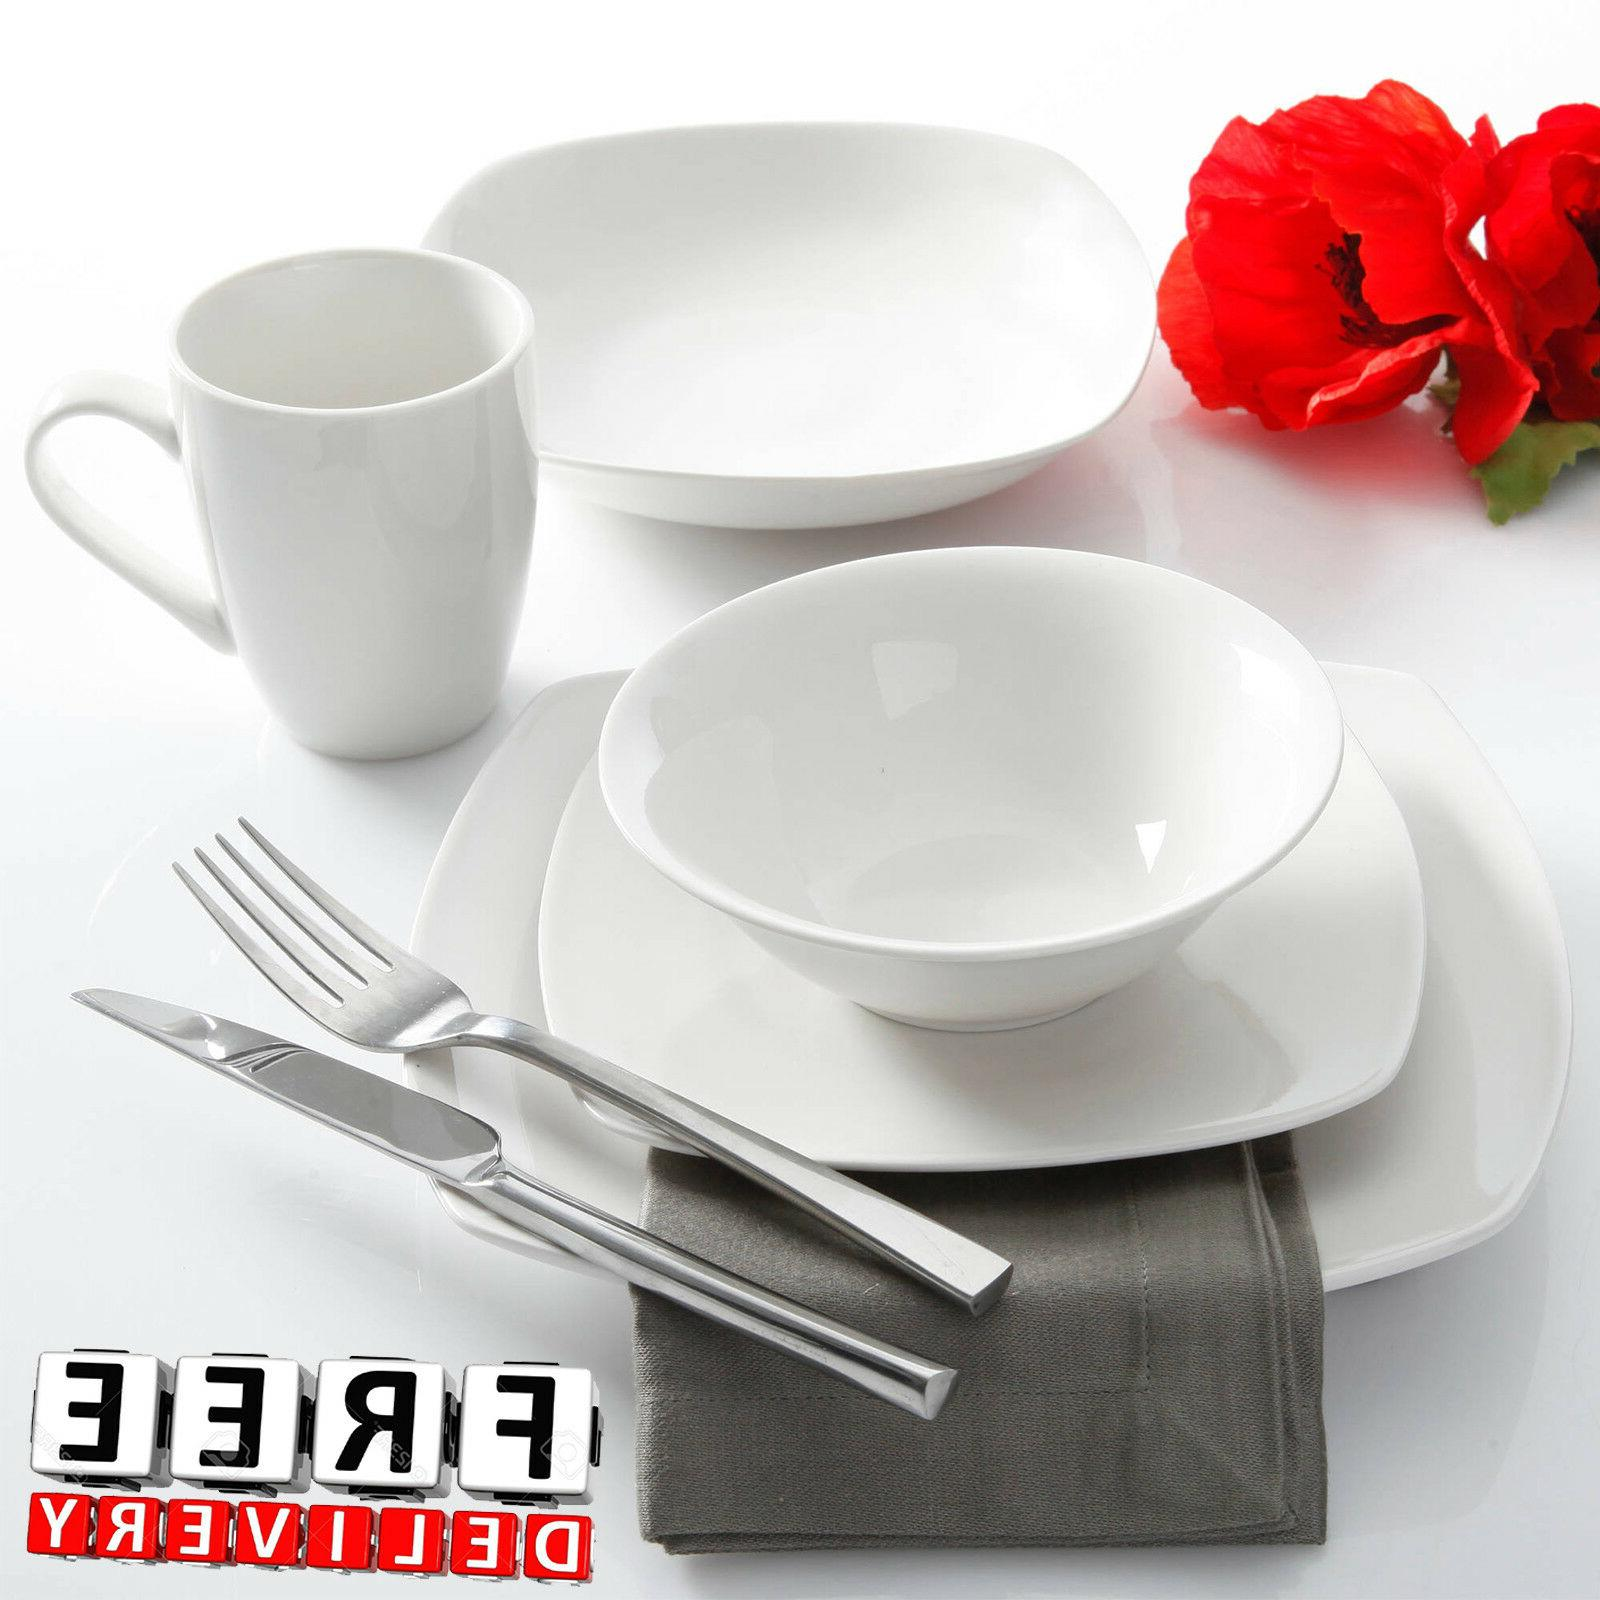 porcelain dinnerware set for 6 30pc white